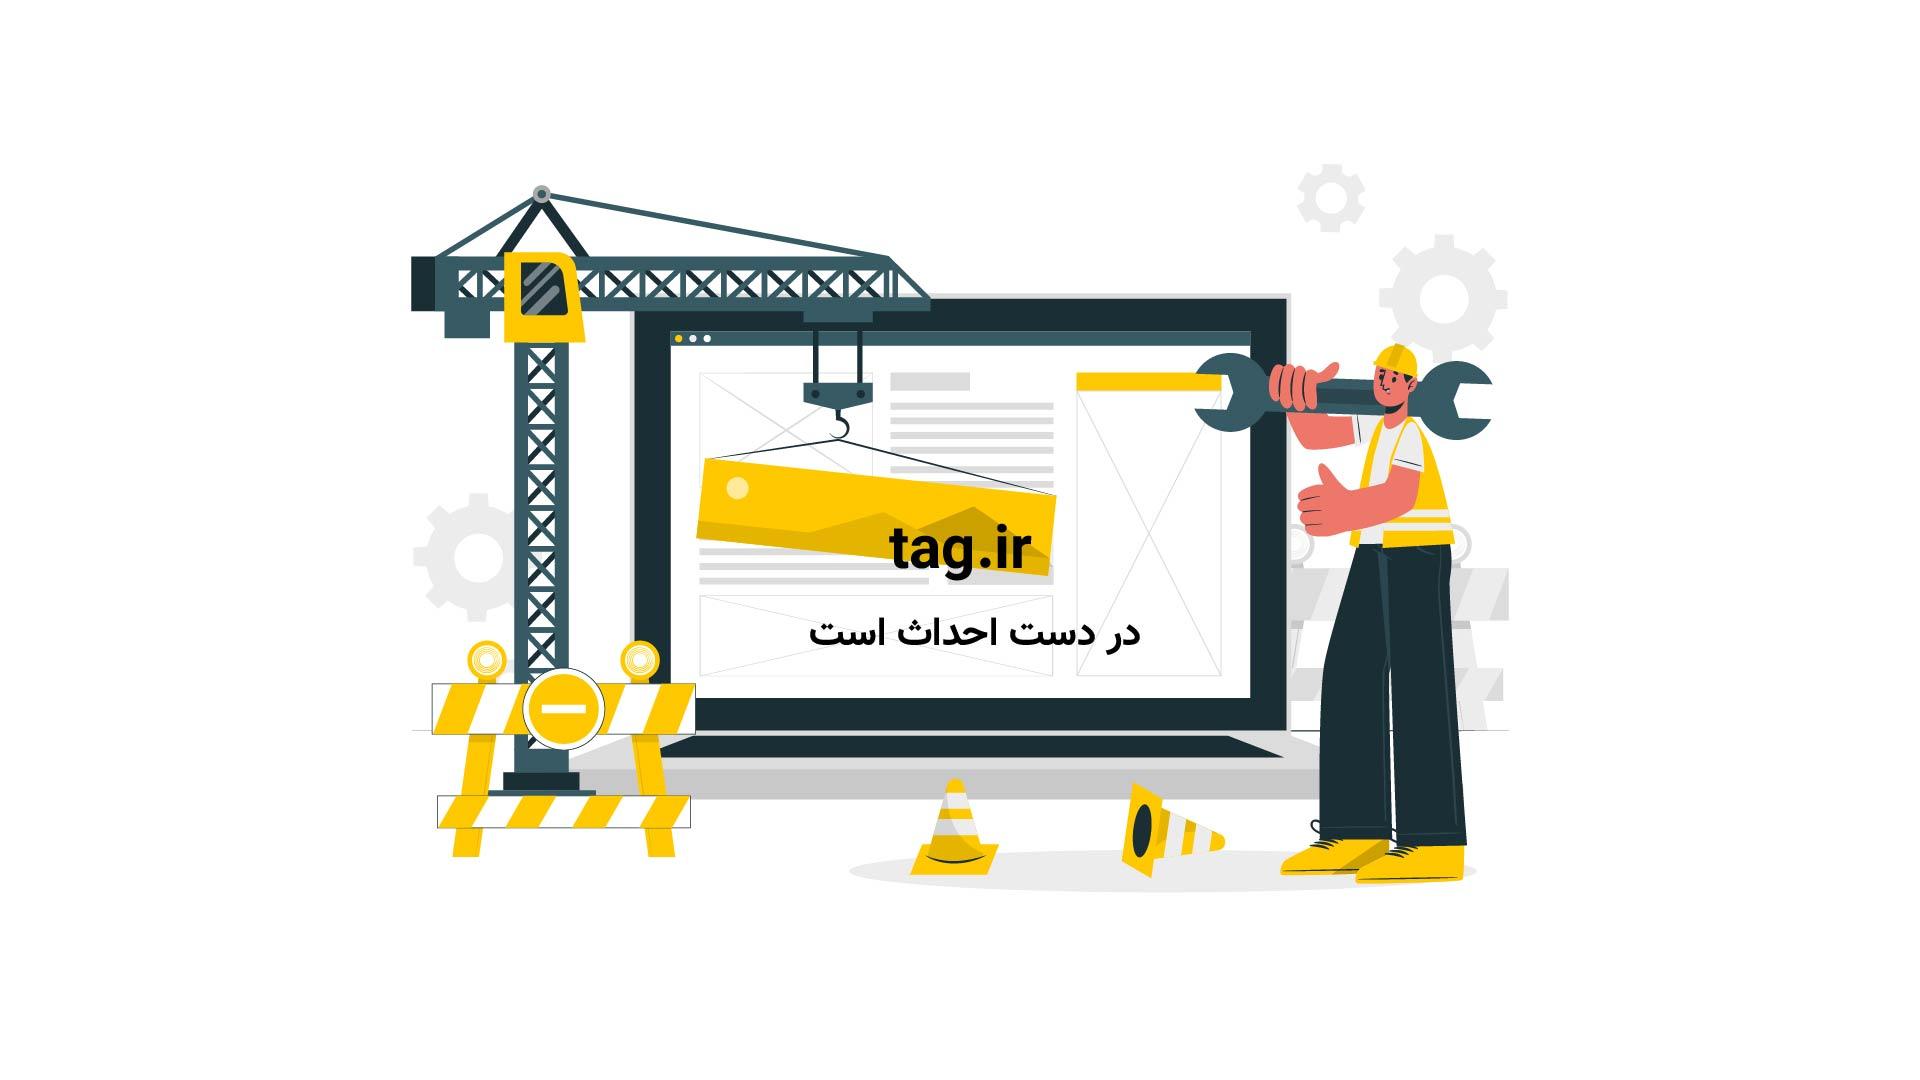 مراسم عاشورا در تورنتو و مختل كردن مراسم توسط گروهي مخالف با پخش موزيک + فیلم